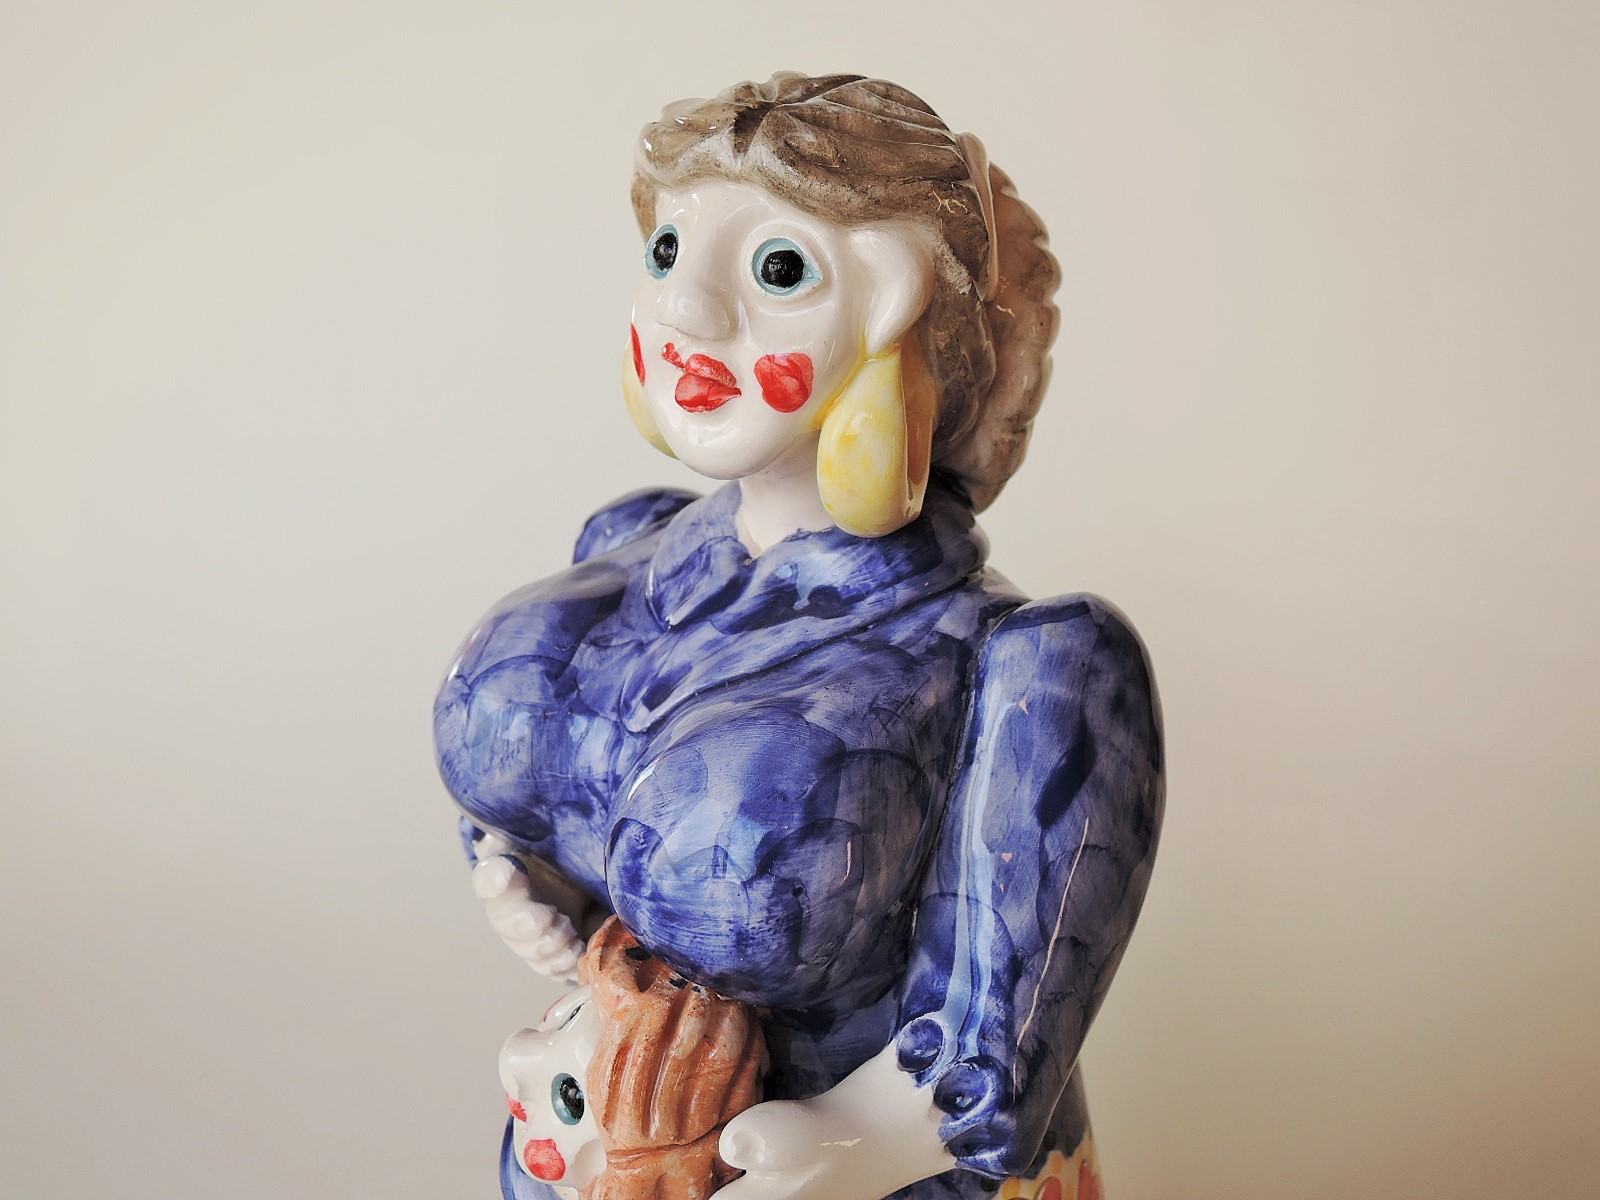 ポルトガル陶器 母の愛 コンセイサォンサパティロ作品